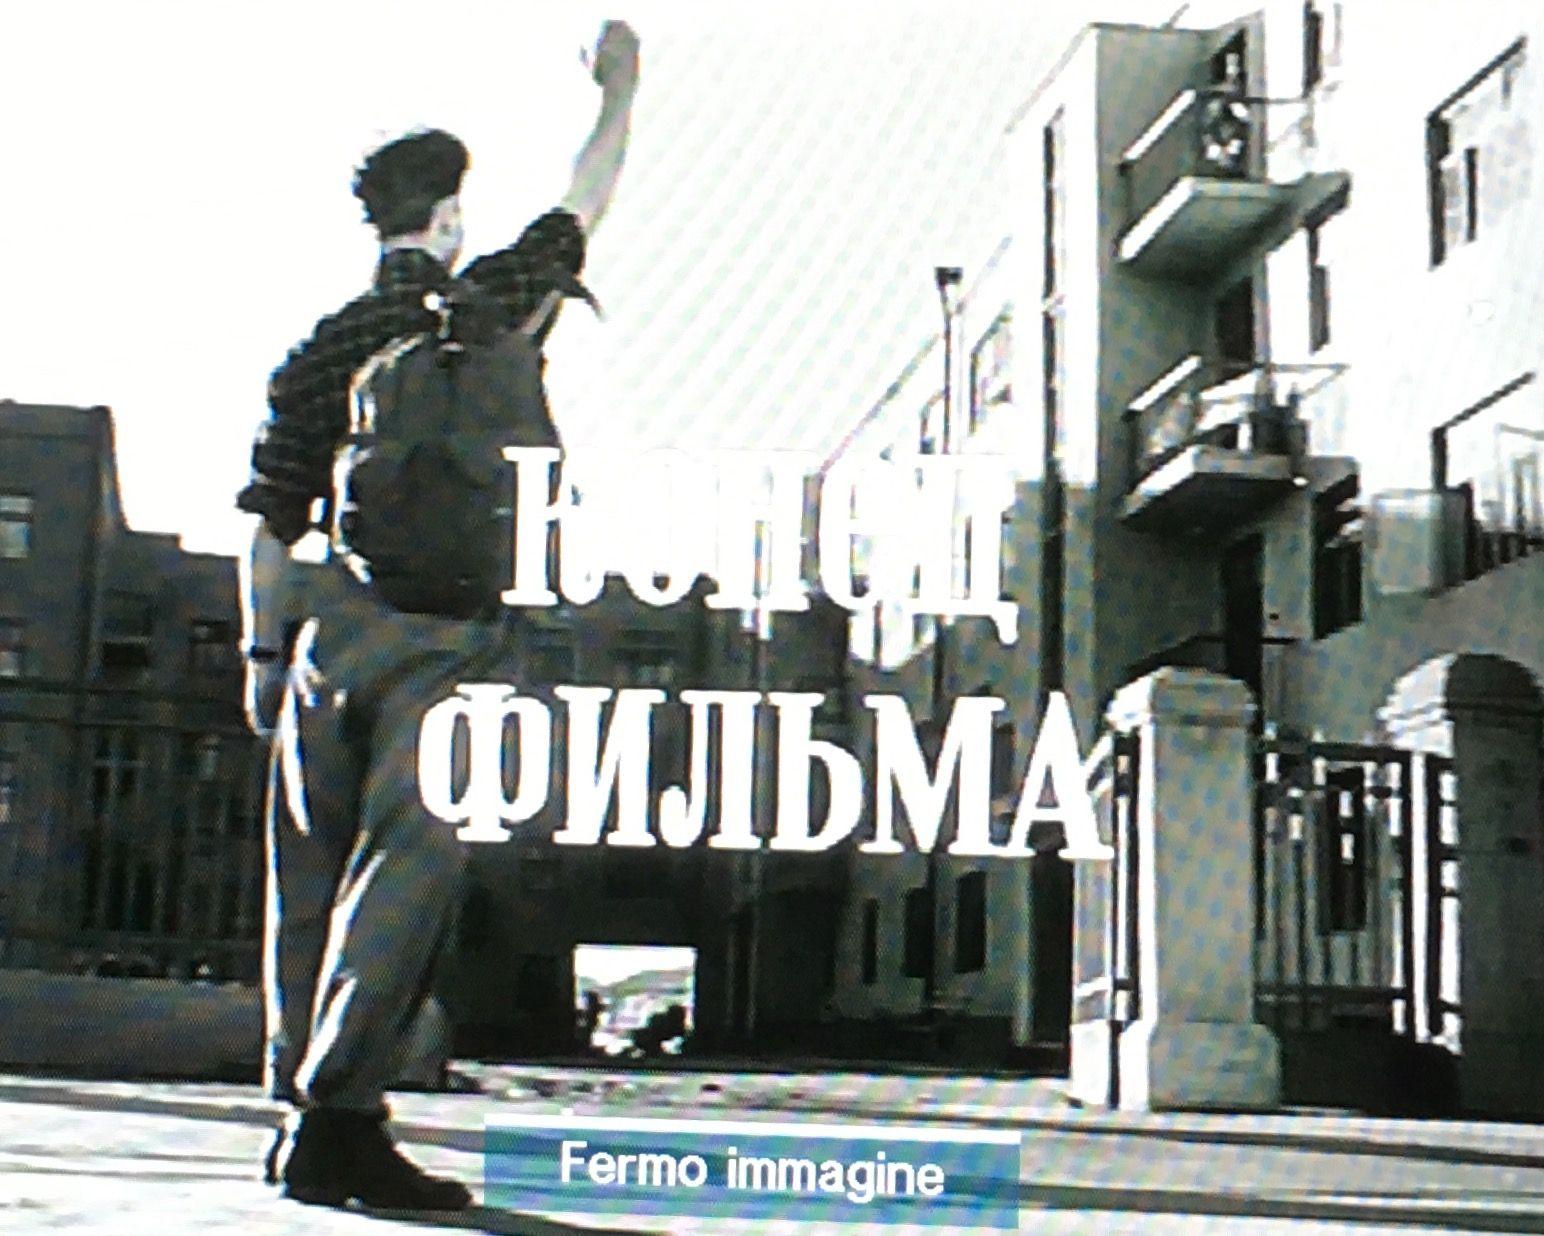 Sovietic movie